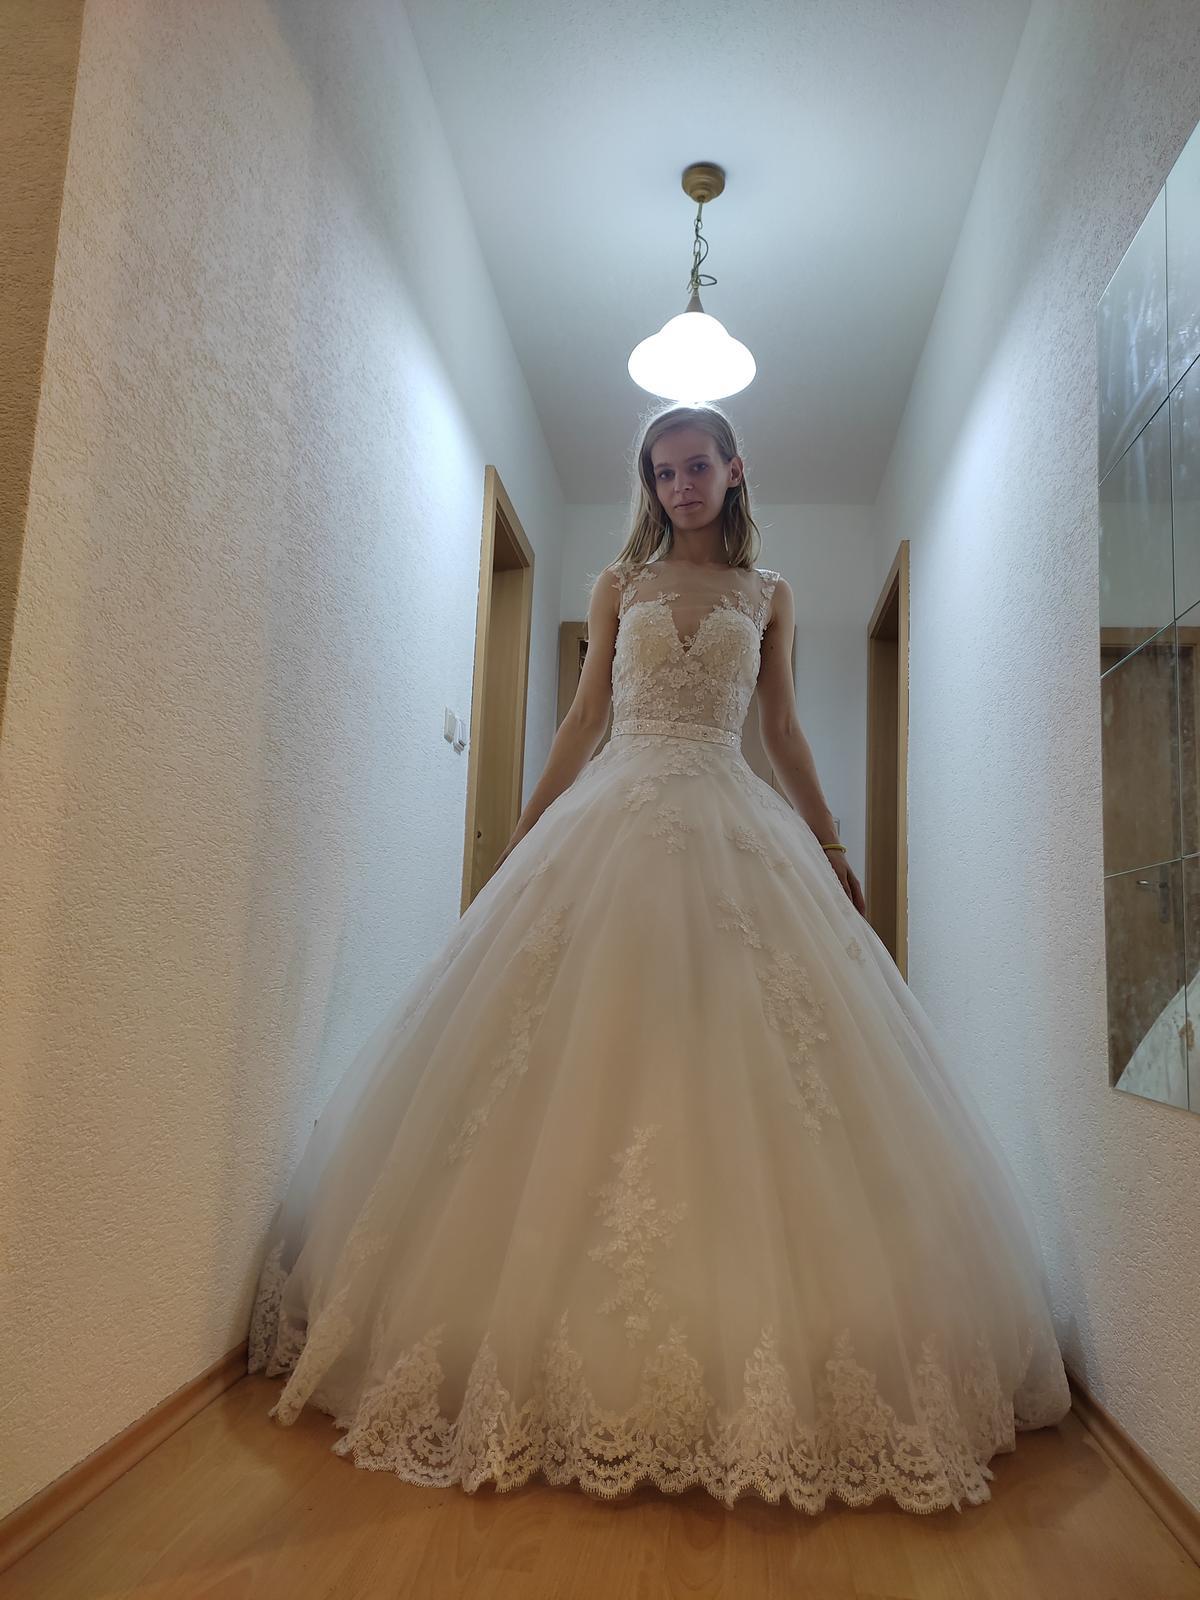 svadobné šaty s doplnkami veľkosť 34 - Obrázok č. 1